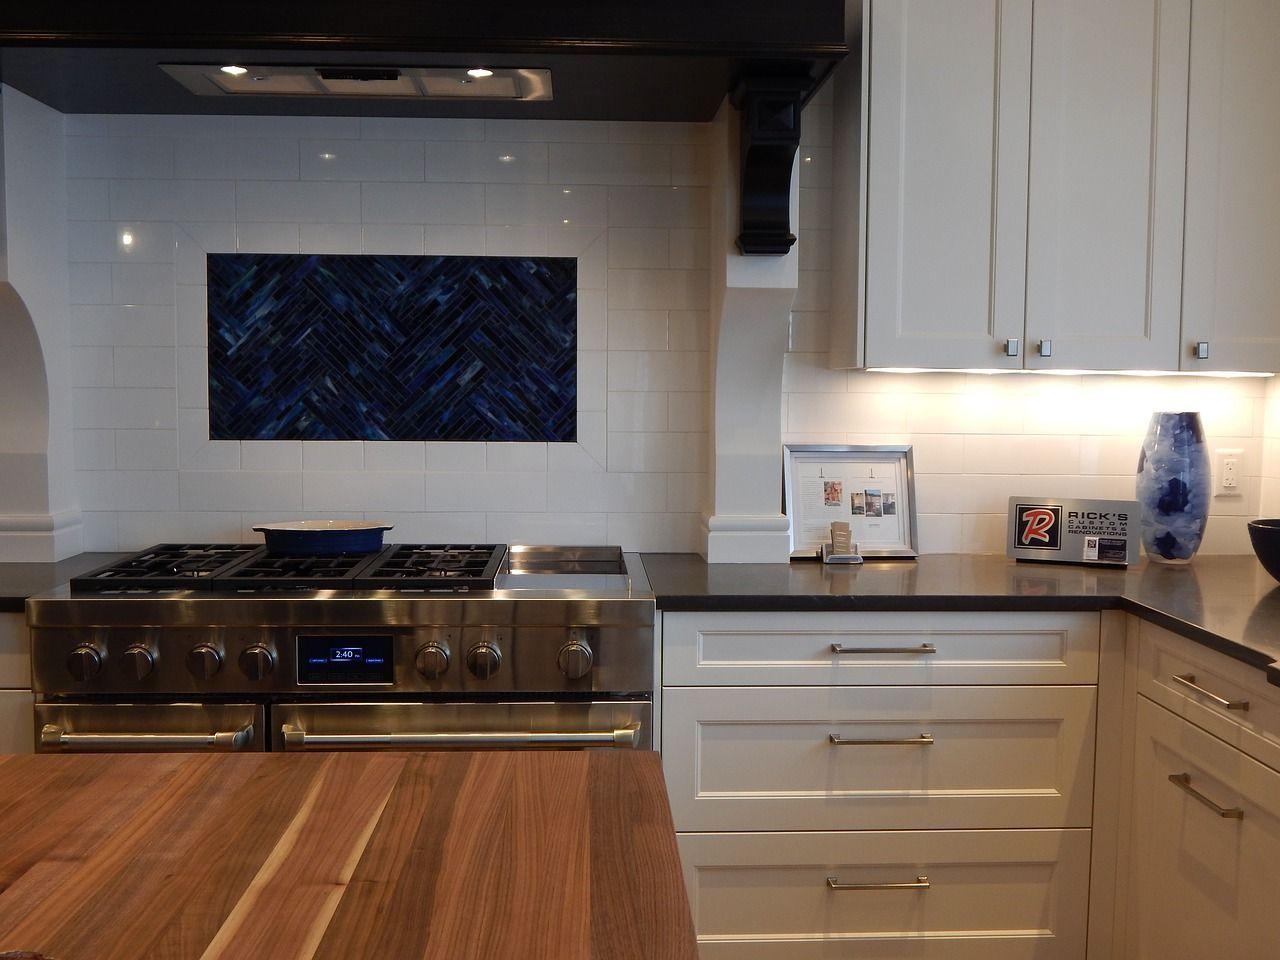 Ideen für küchenhauben home decor kitchen stove cabinets room house home fur homedecor